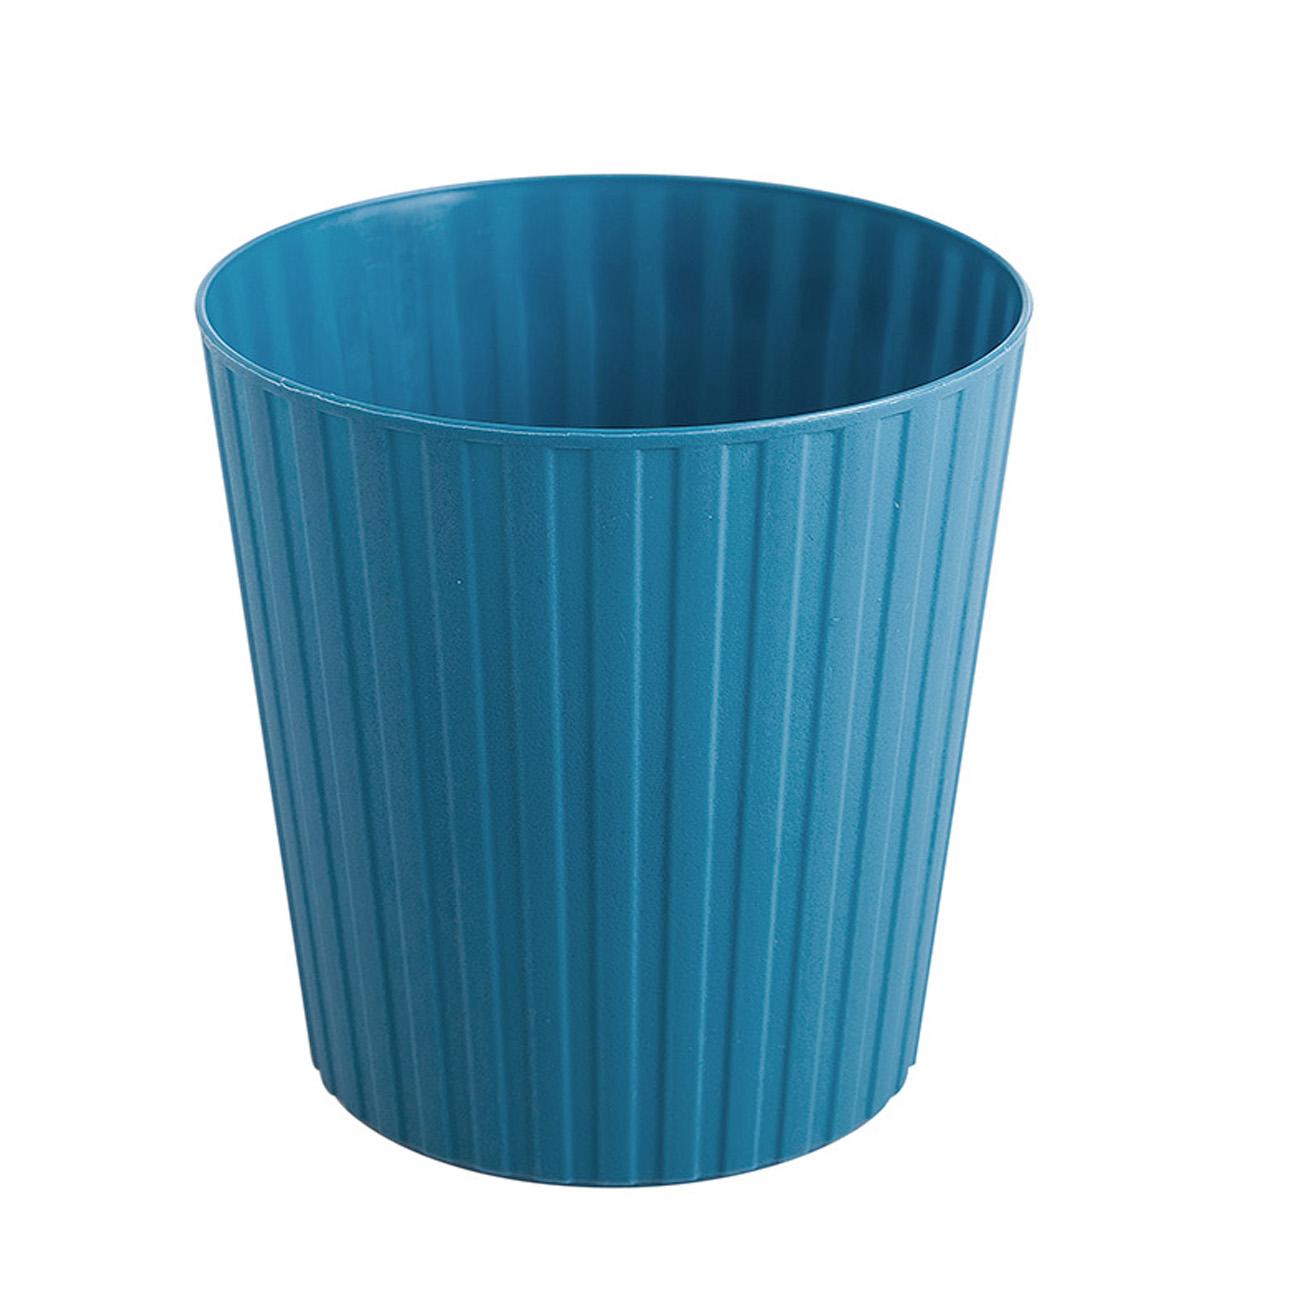 居家家迷你桌面垃圾桶廢紙簍家用床頭收納桶小號辦公室分類拉圾筒【現貨】